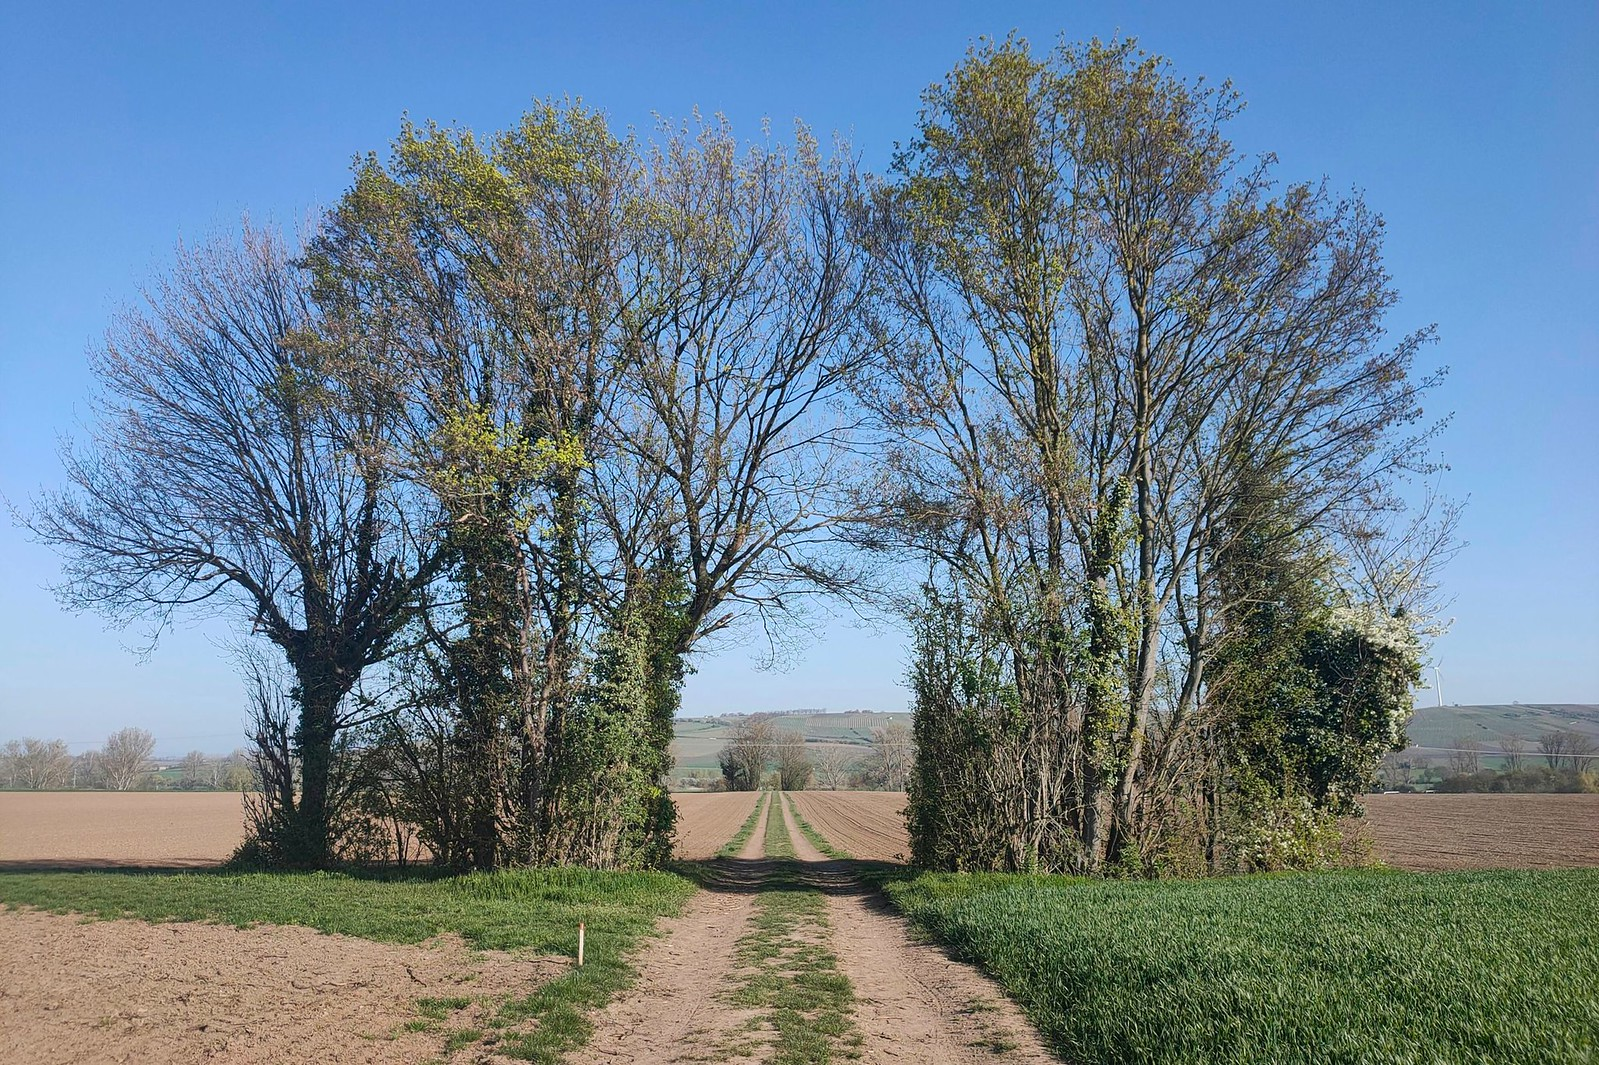 Torbogen aus Bäumen im Selztal